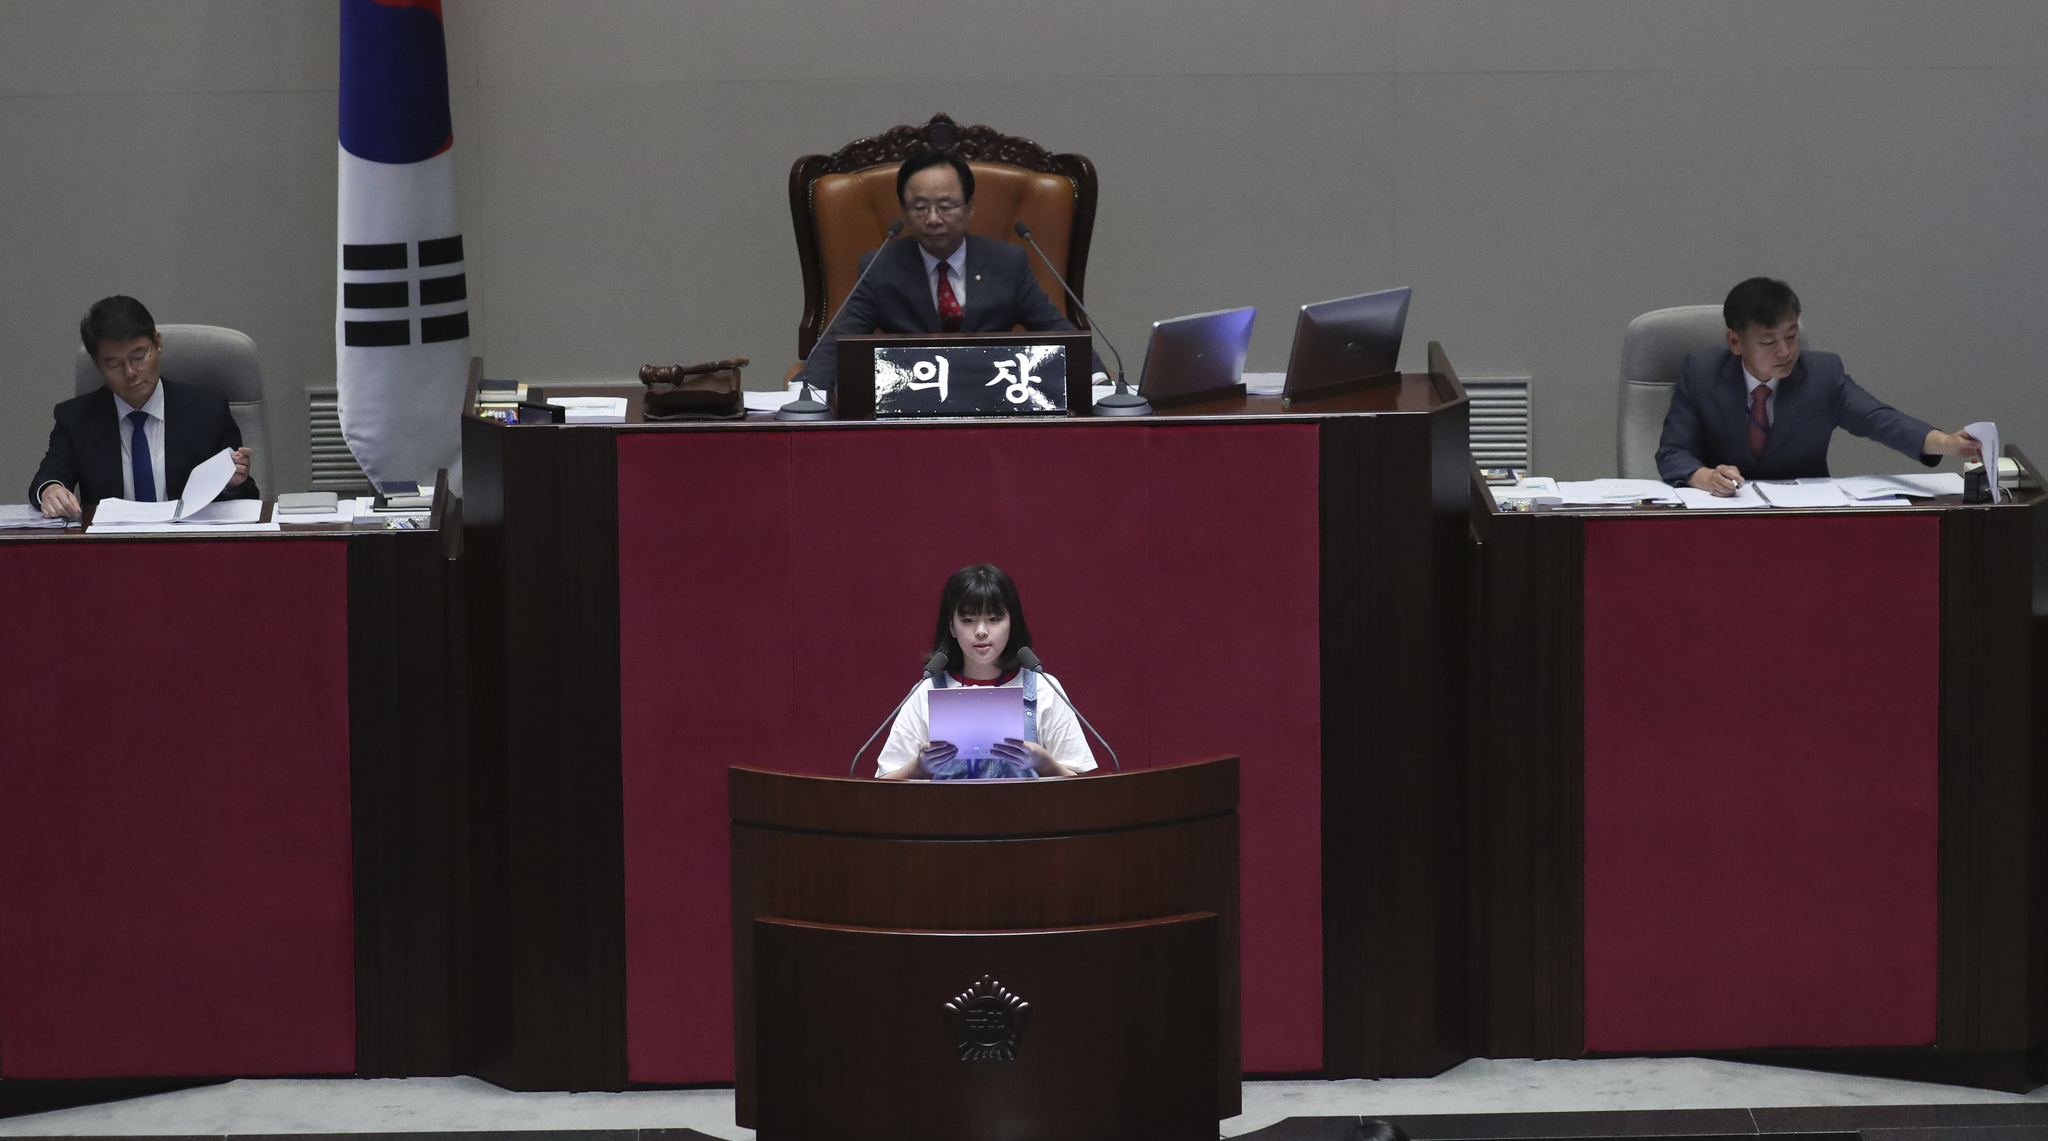 제15회 어린이국회가 12일 국회 본회의장에서 열렸다. 어린이 국회의원이 대정부질문을 하고 있다. 임현동 기자